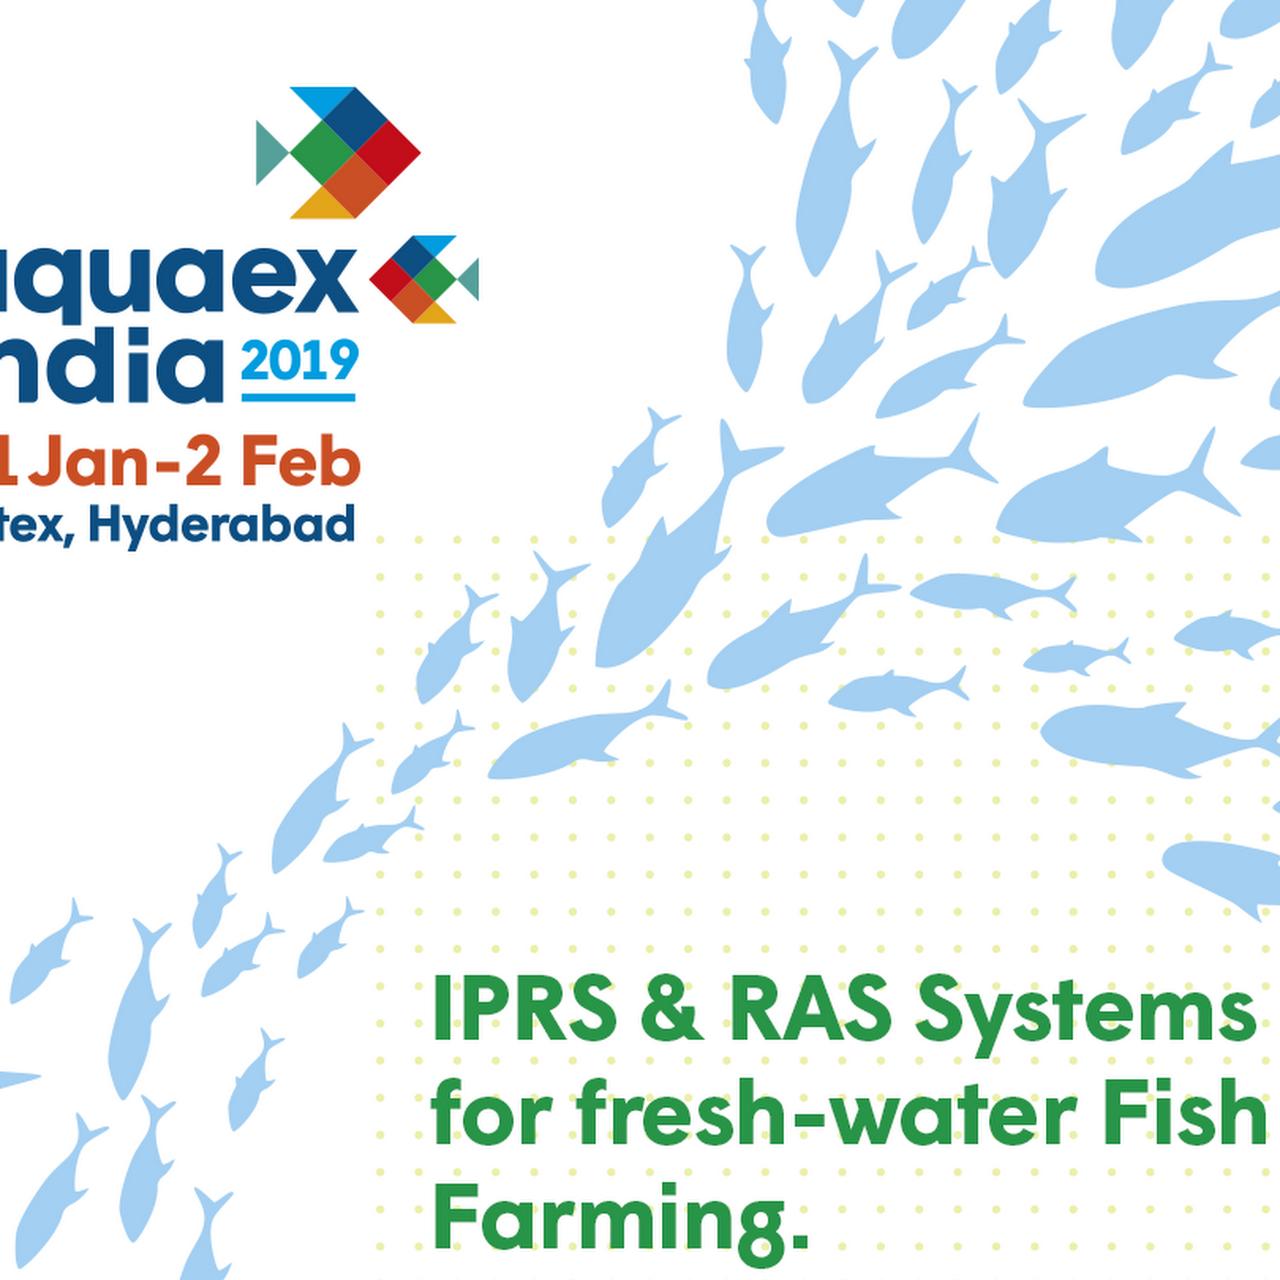 AquaEx India - India International Fisheries and Aquaculture